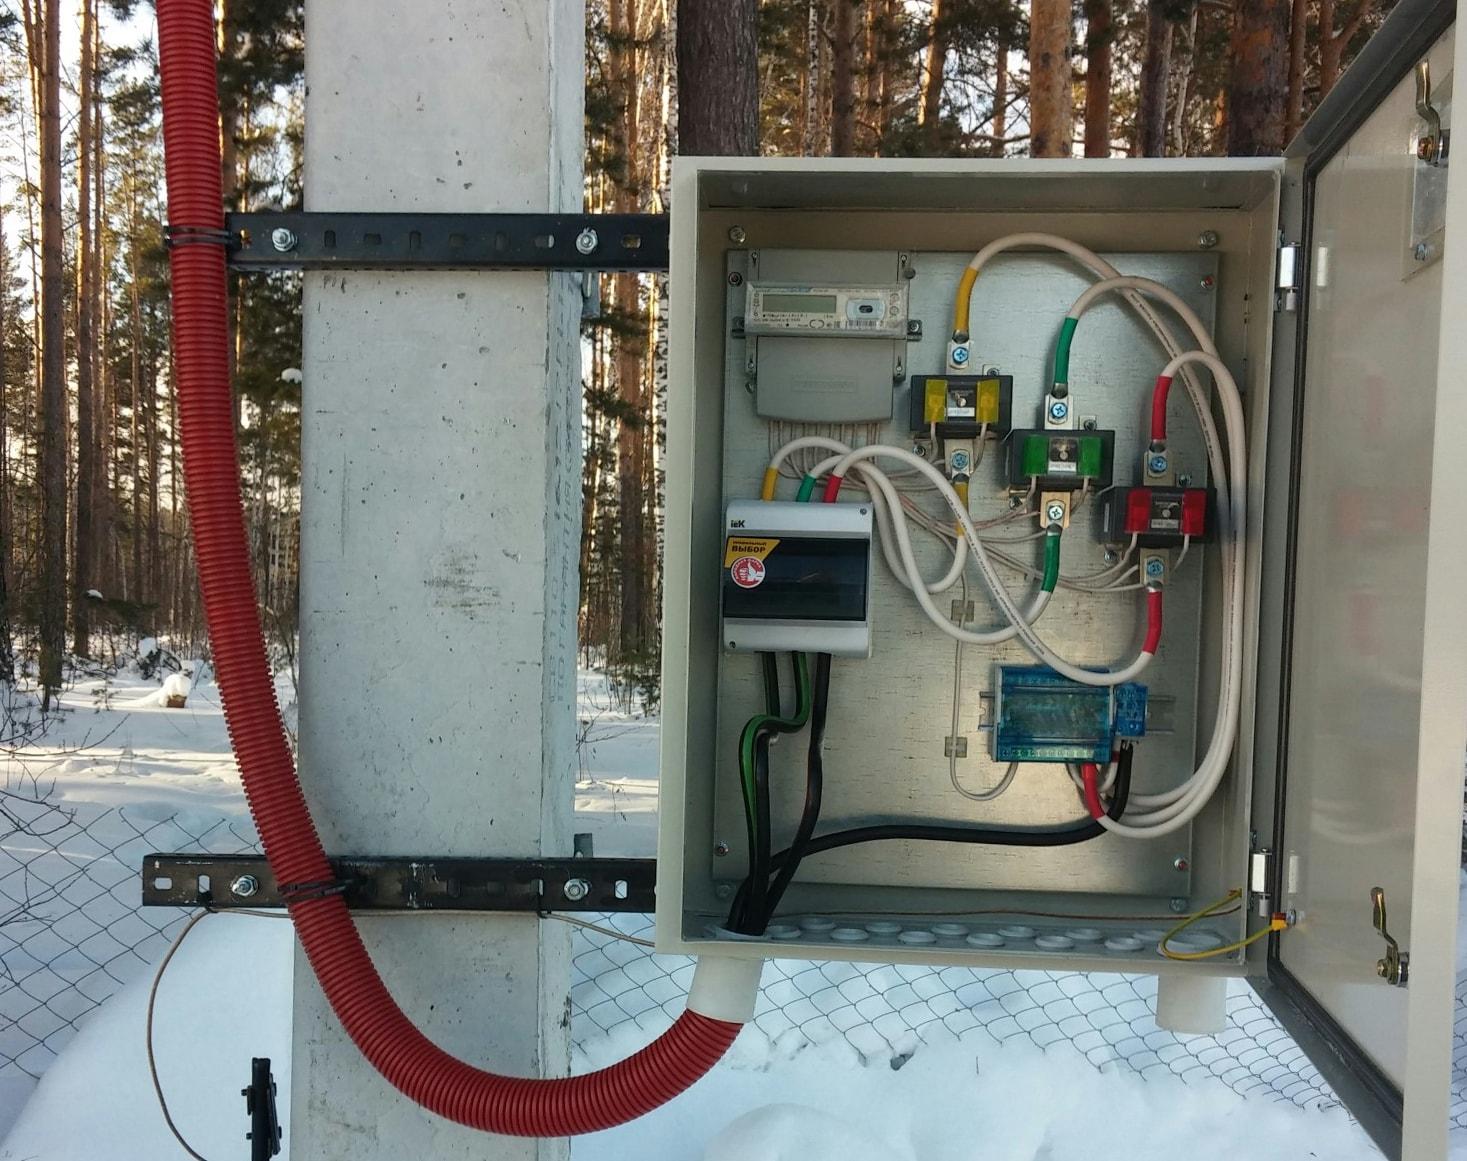 Подключаемся к электросети, счётчик на столбе и временная розетка для строителей